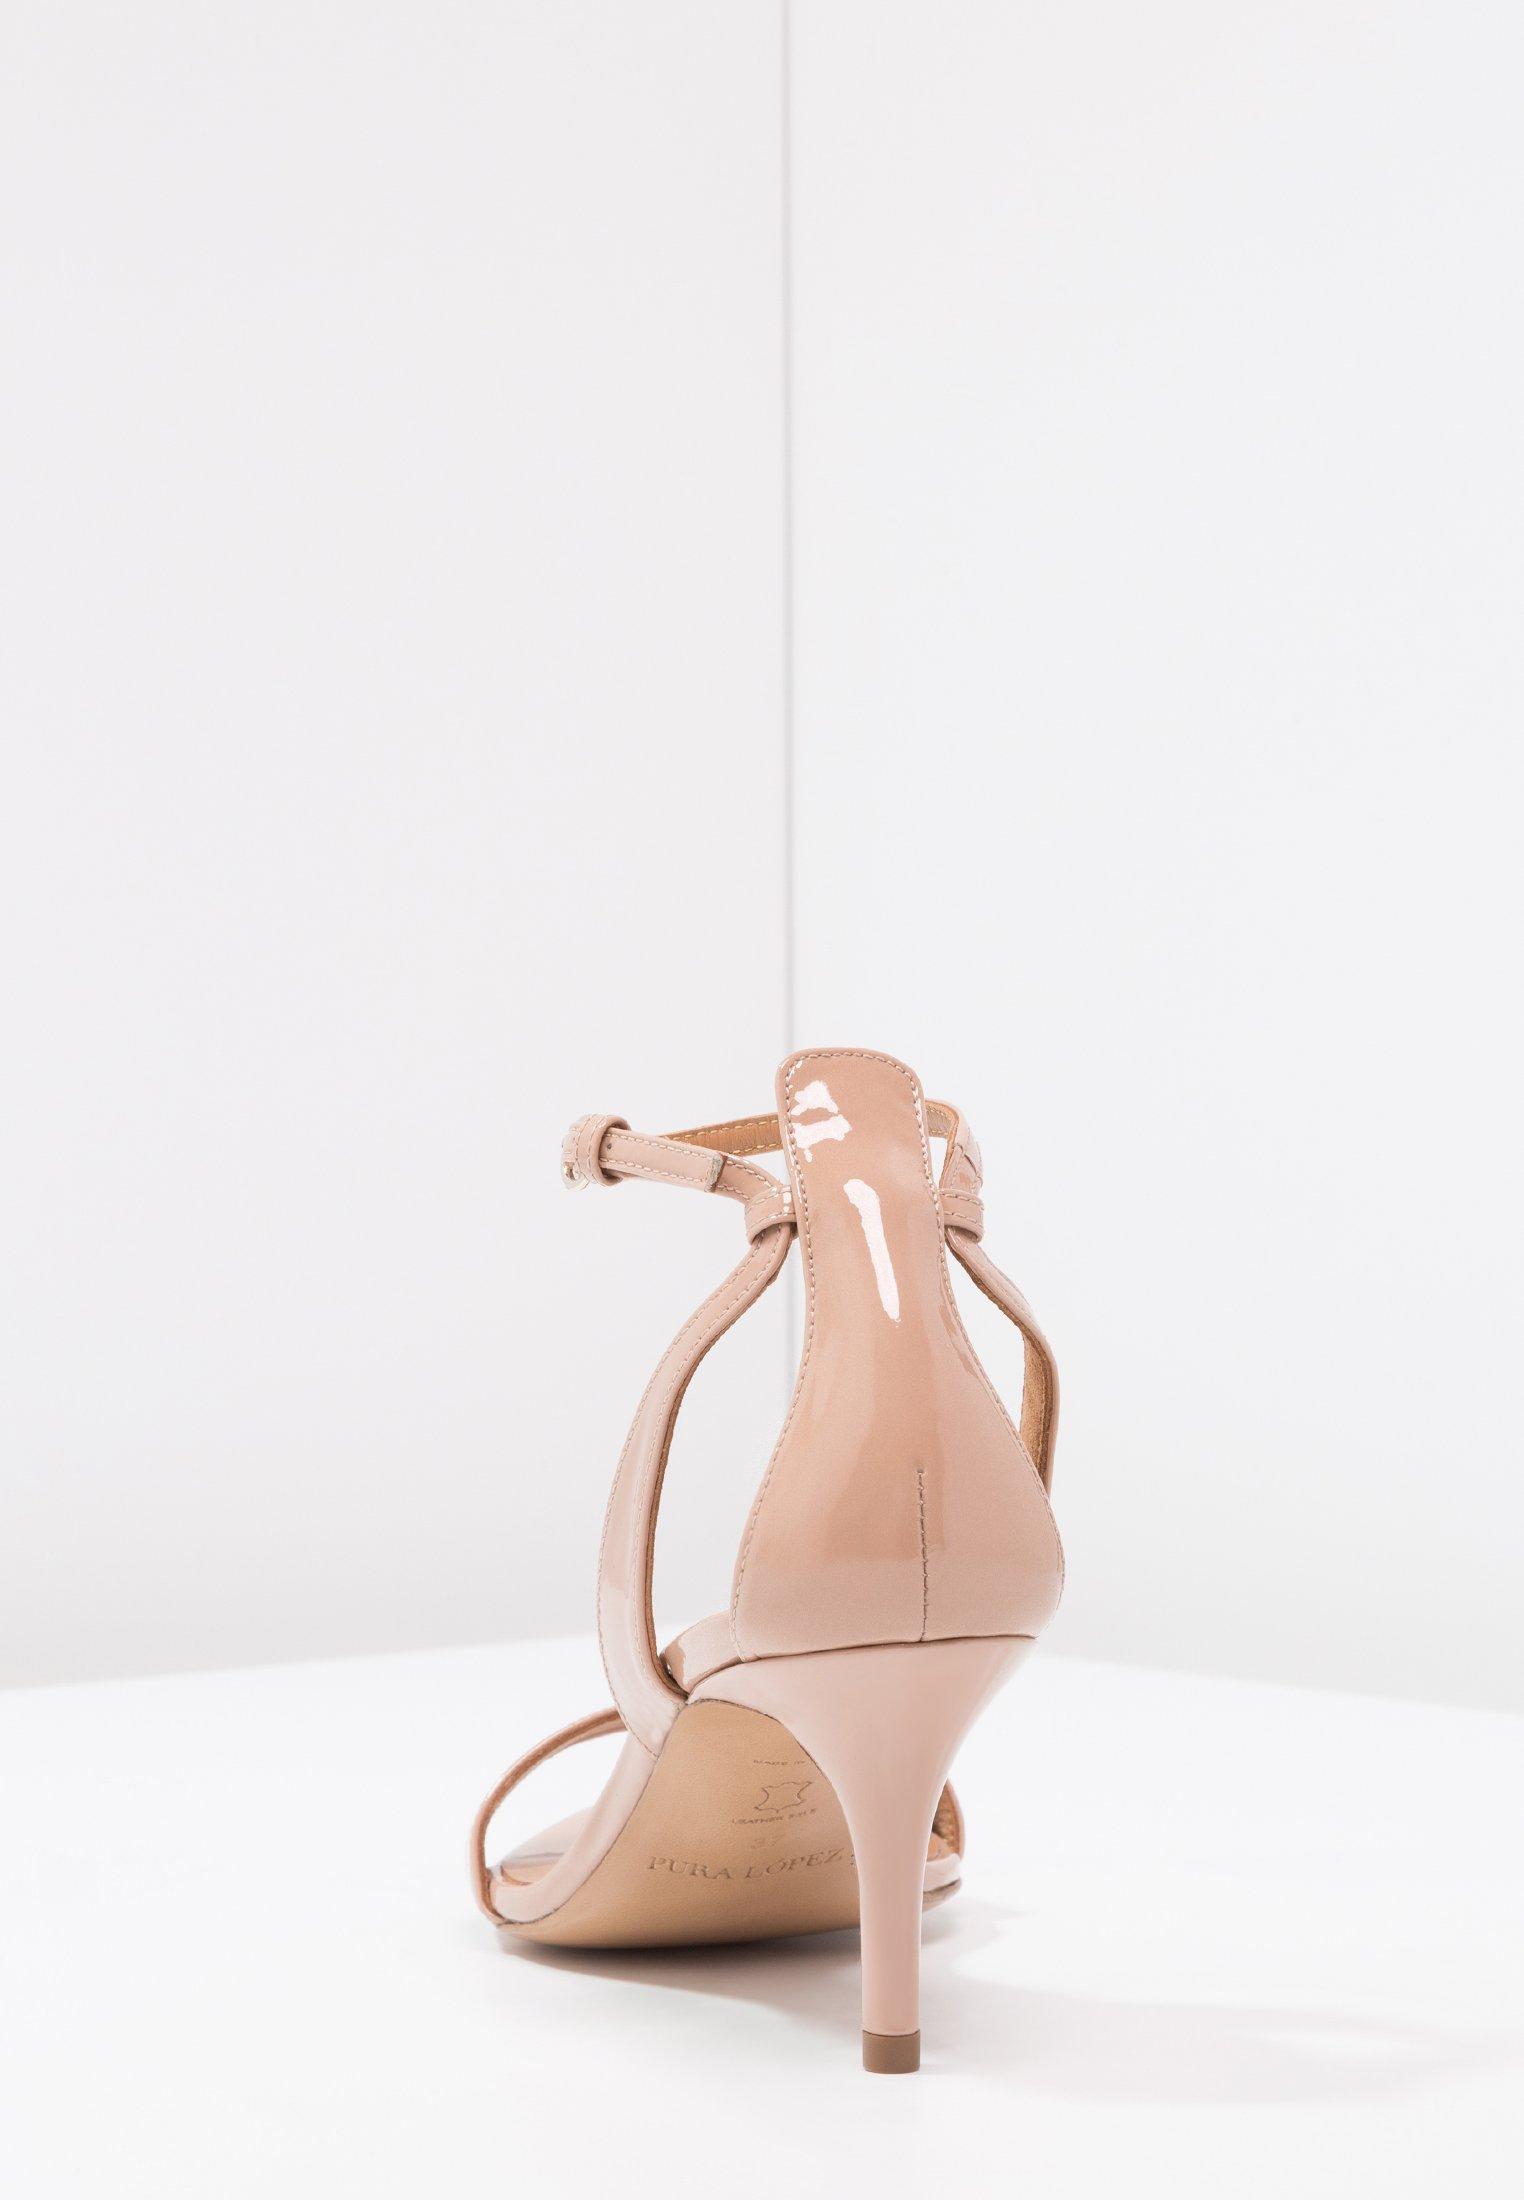 Pura Lopez Sandalen - Face Goedkope Schoenen